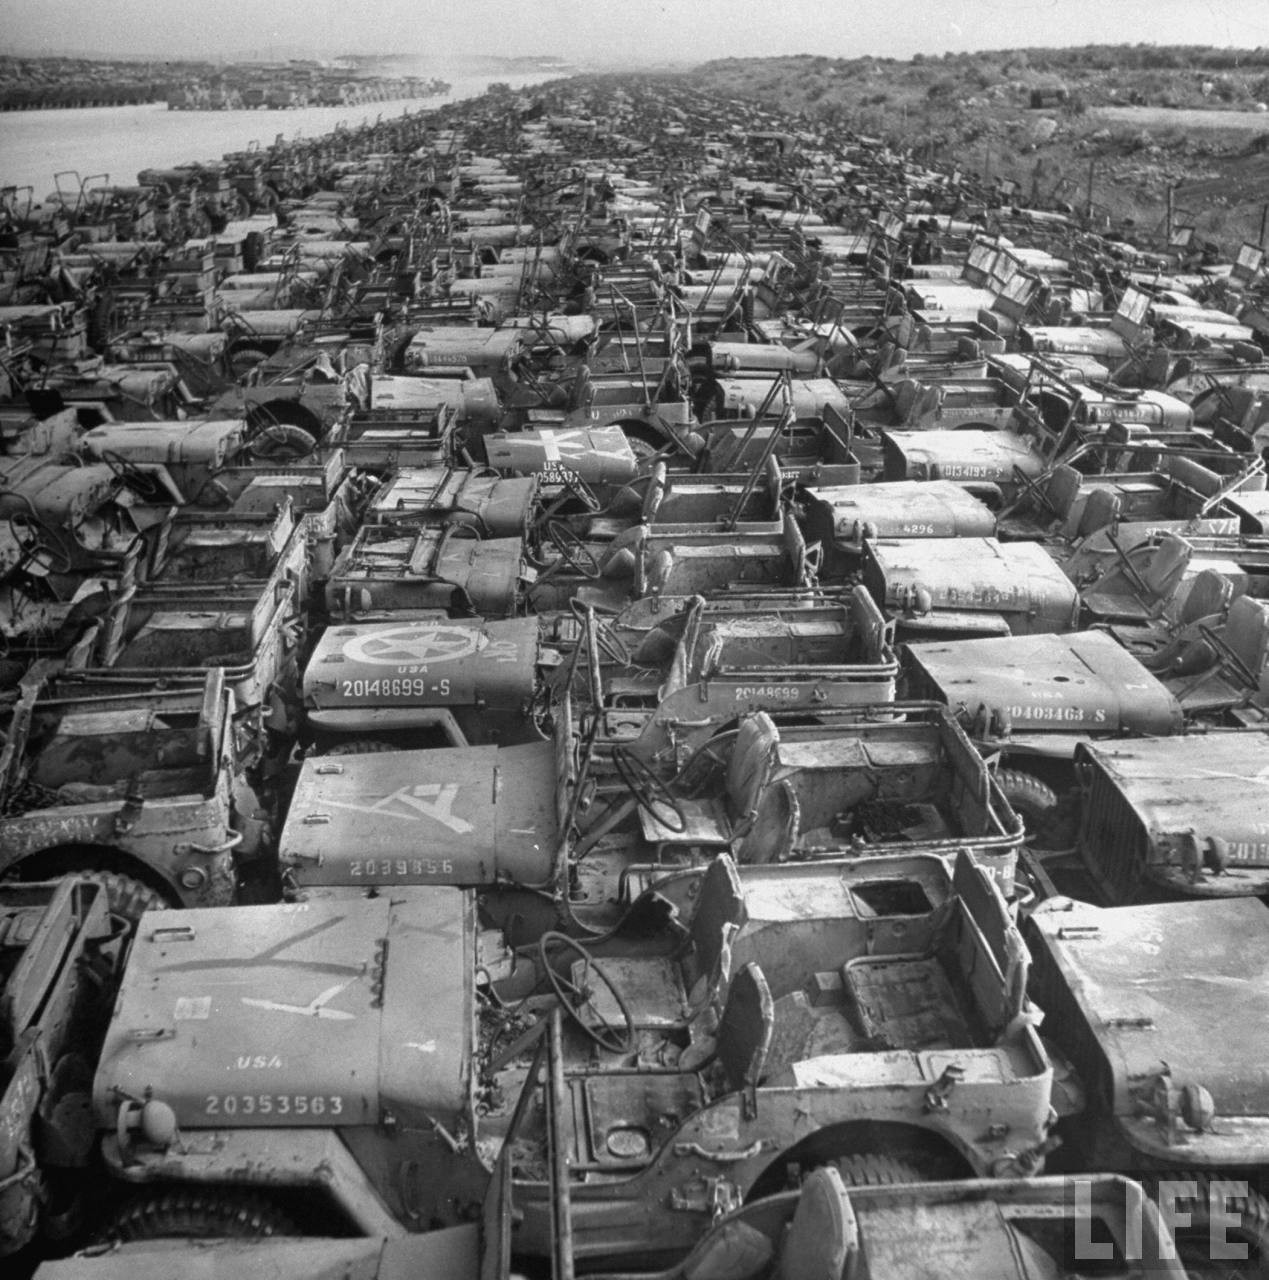 1949. Okinawa. Amerikai háborűs dzsipek és szállítójárművek ezrei várnak megsemmisítésre..jpg